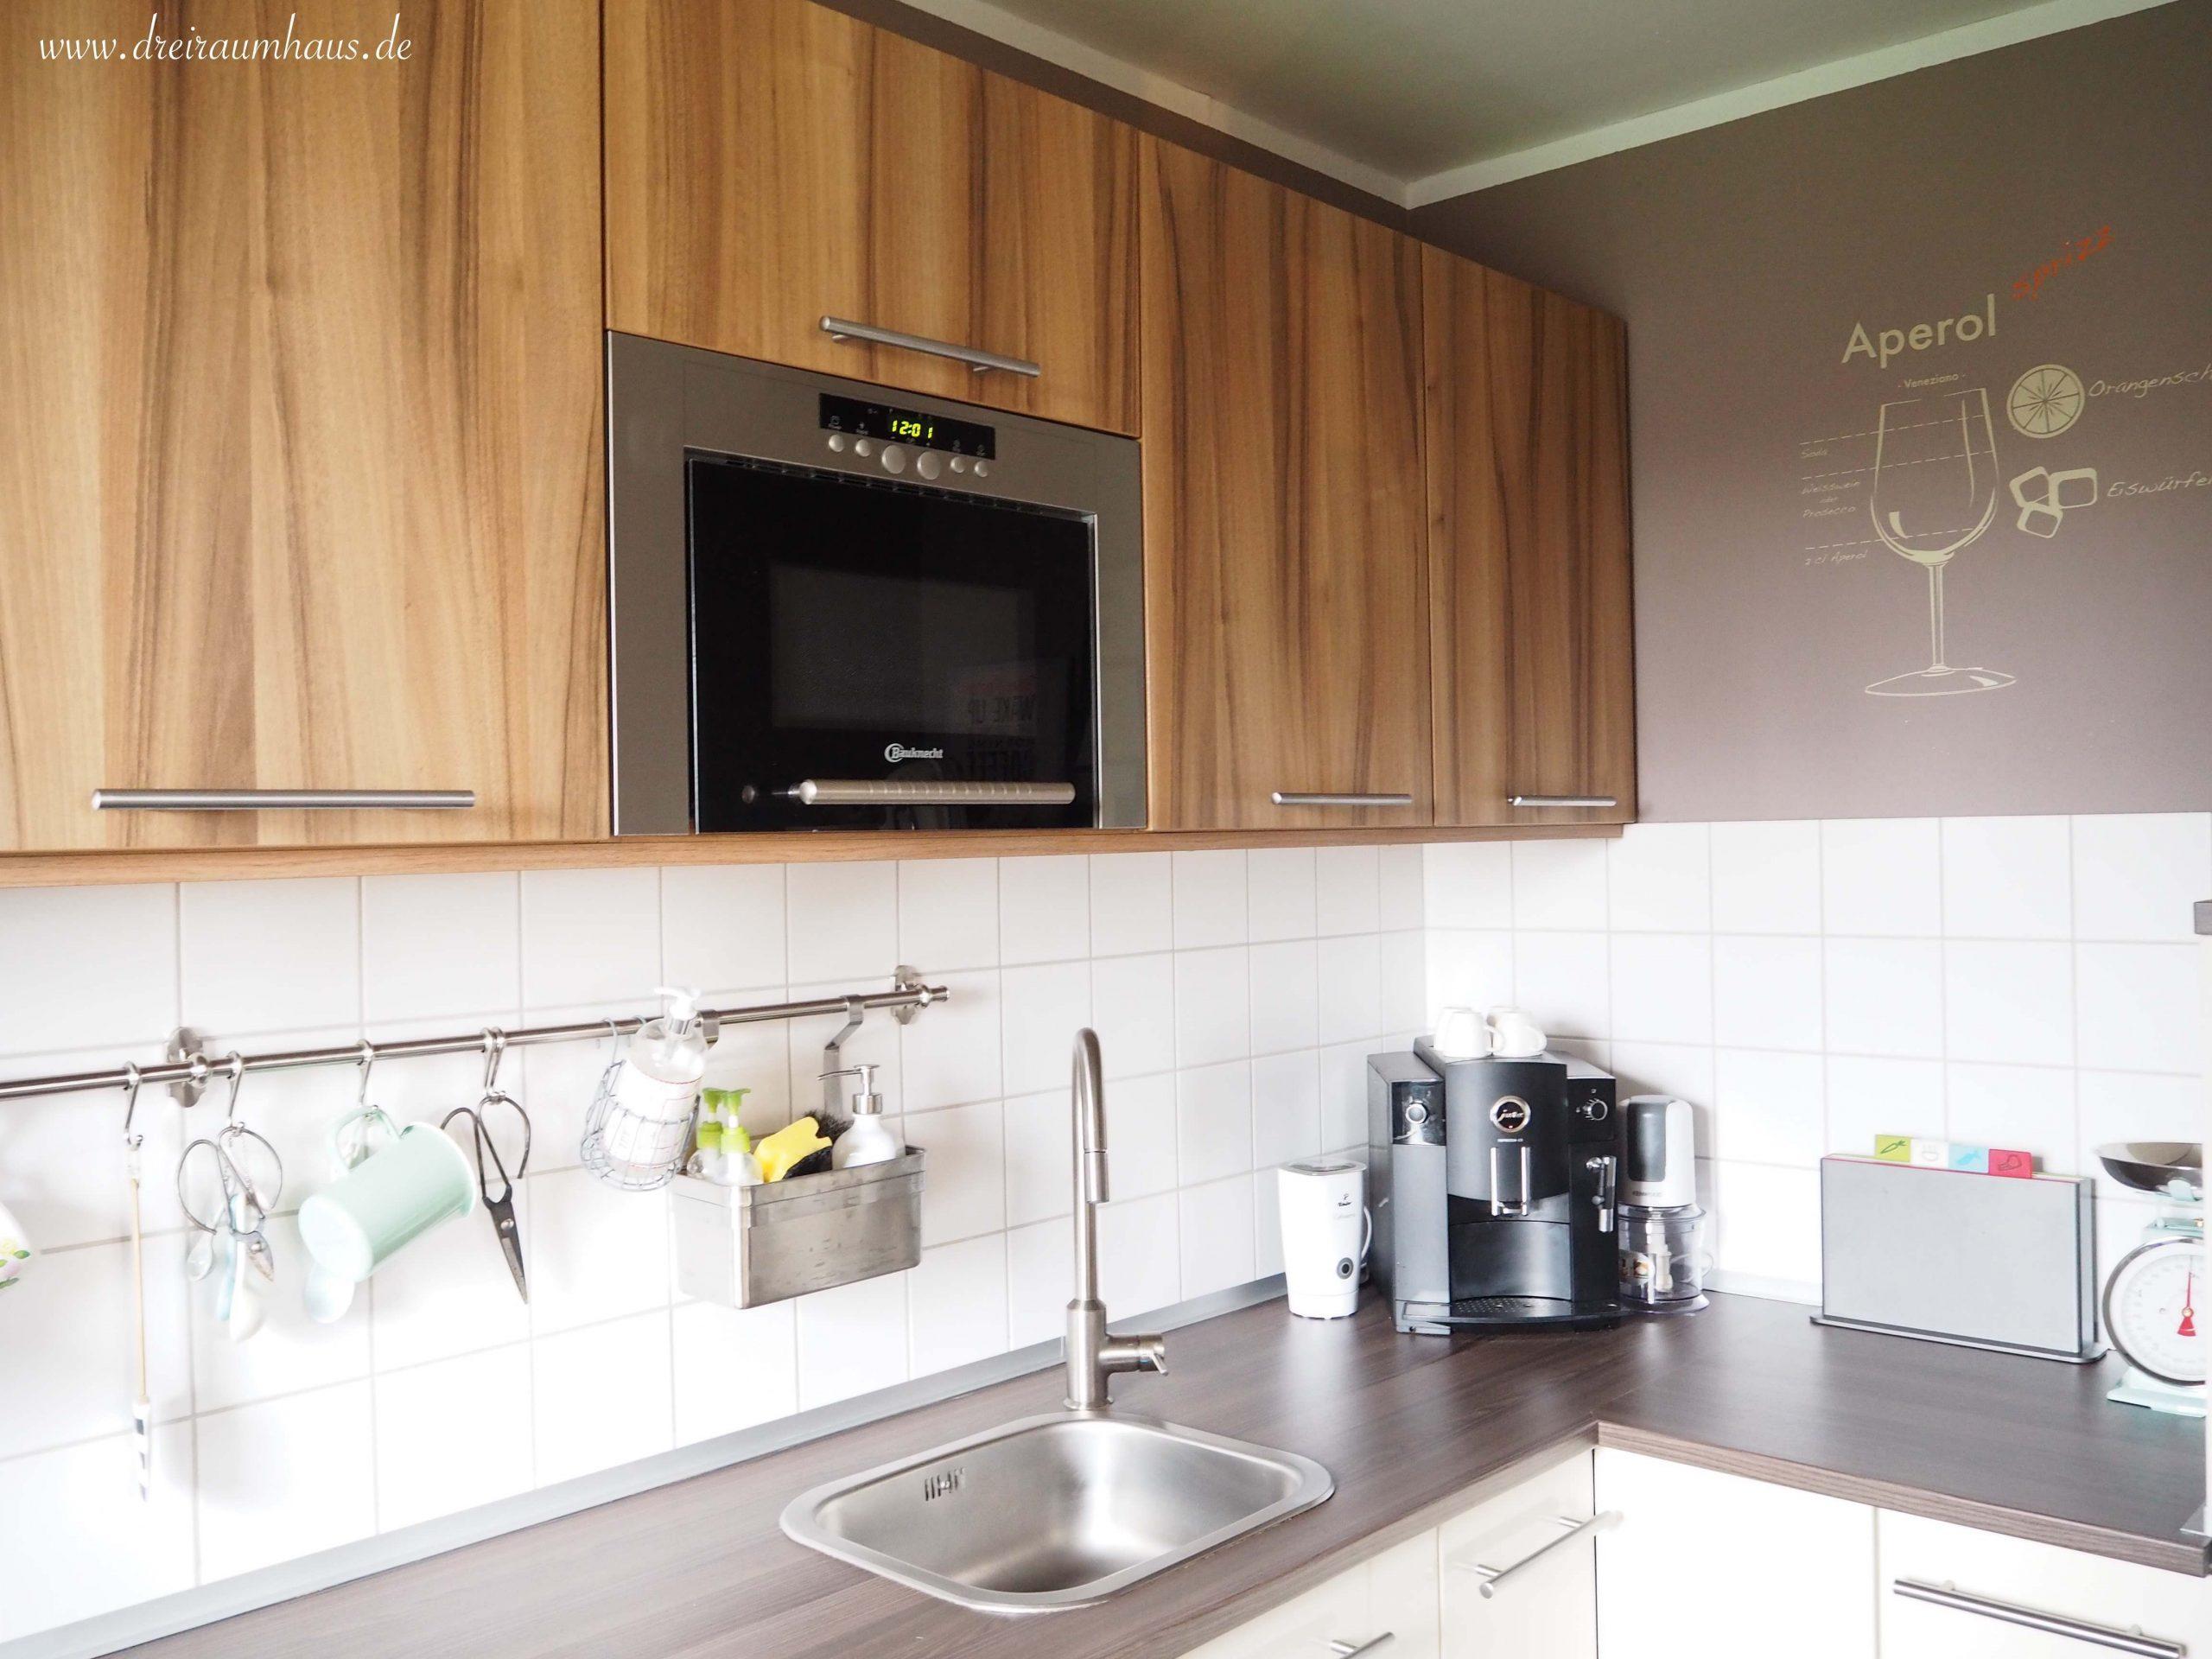 Full Size of Pendelleuchten Küche 14 Pendelleuchte Kche Ikea Inspirierend Arbeitsplatte Einbauküche Mit E Geräten Keramik Waschbecken Wandbelag Wandtatoo Deckenlampe Küche Pendelleuchten Küche